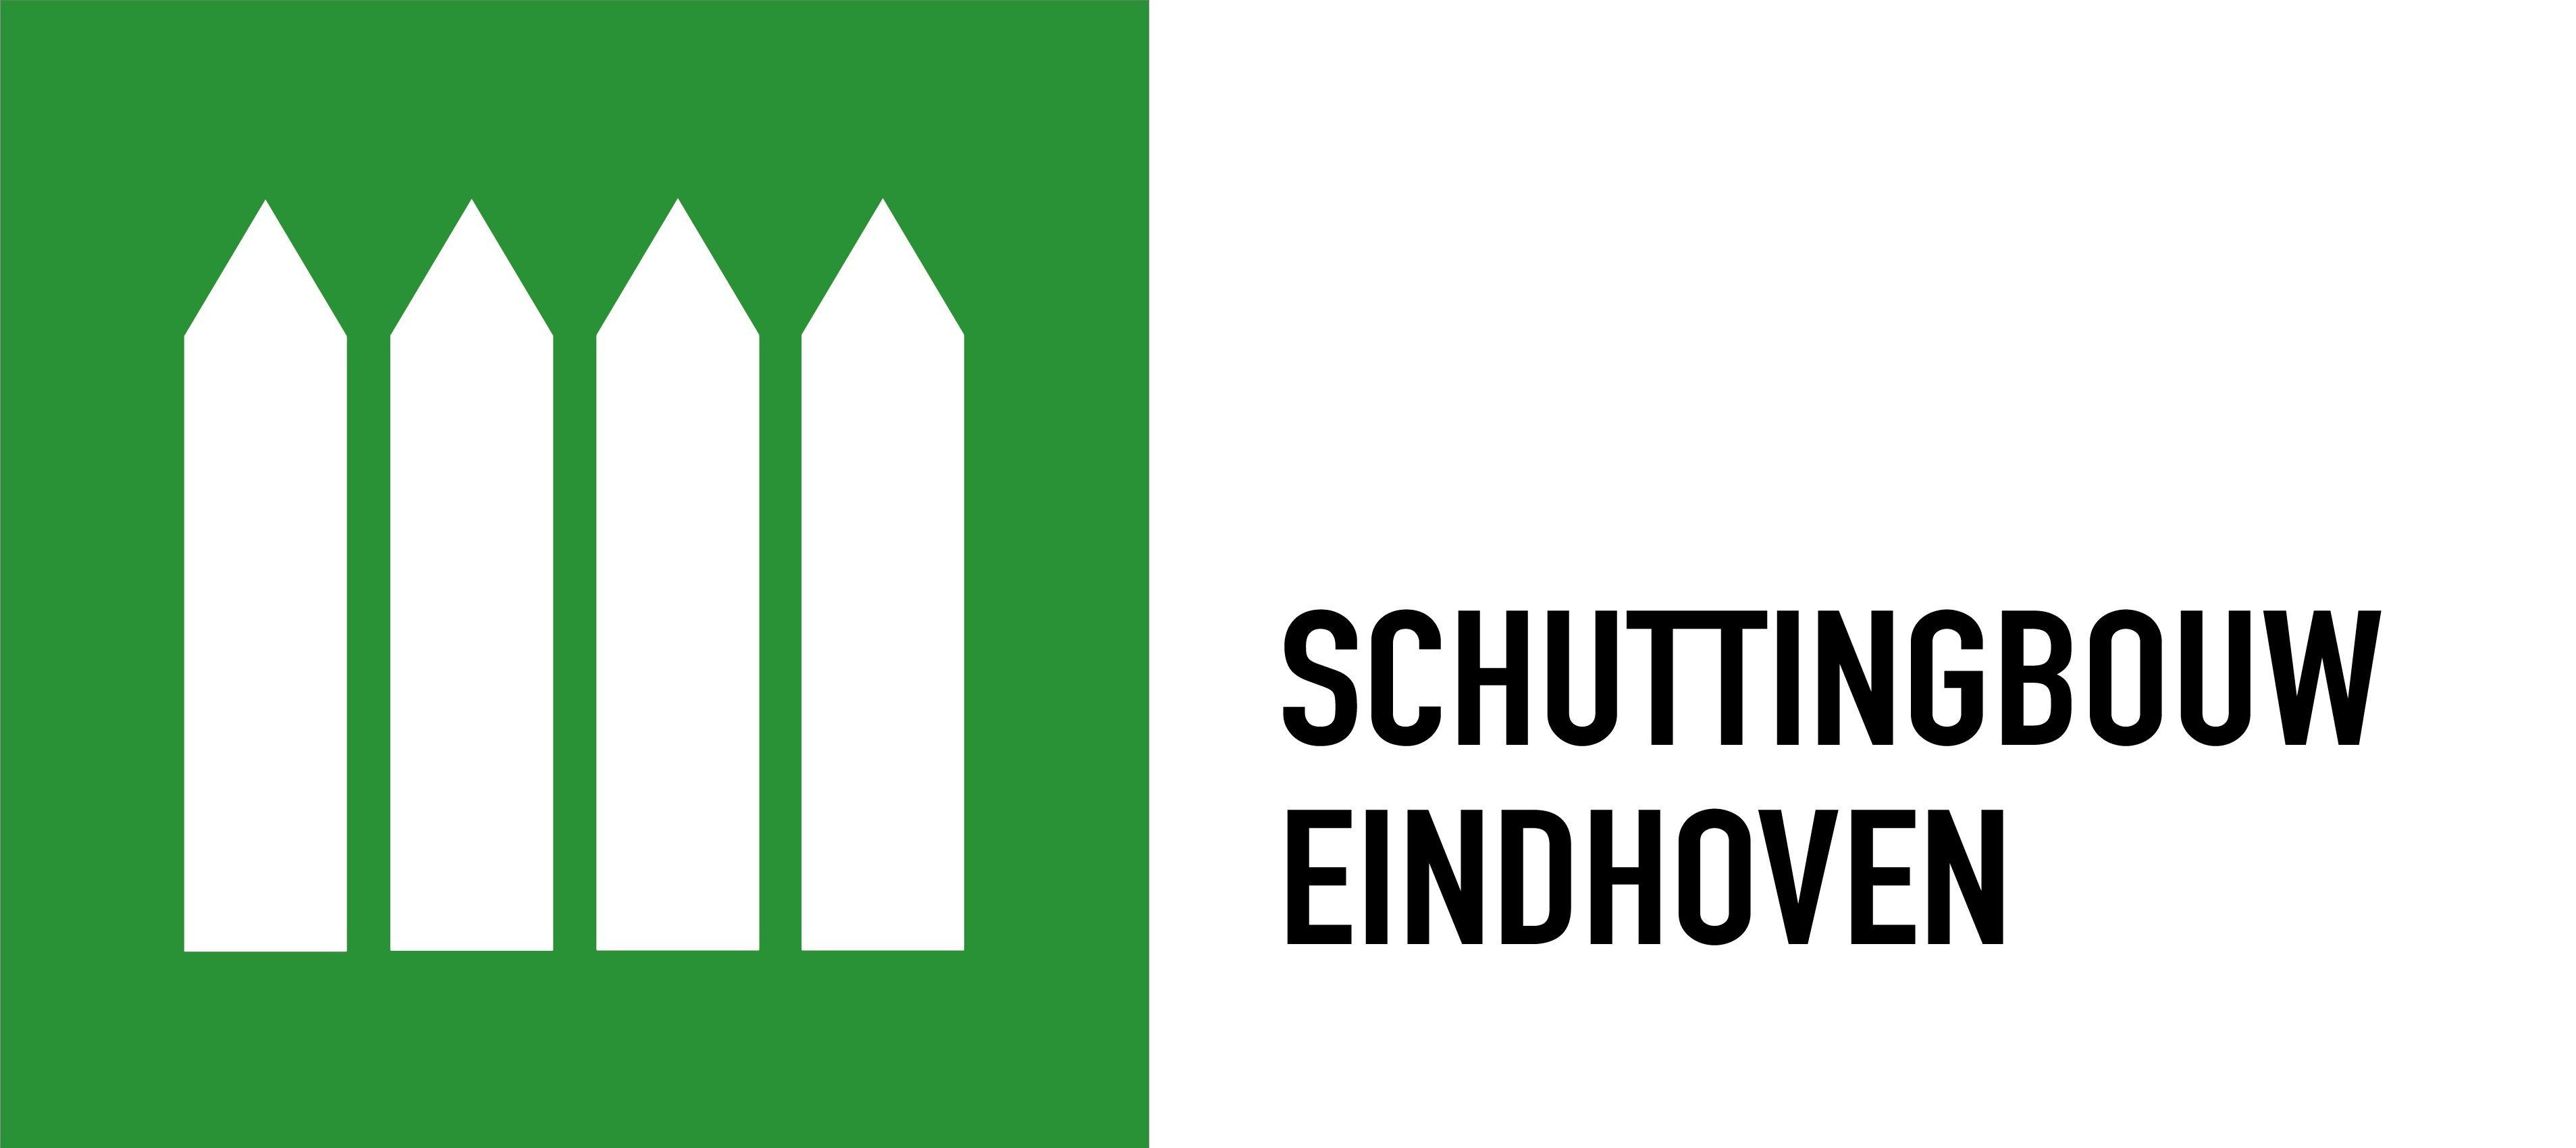 Schuttingbouw Eindhoven